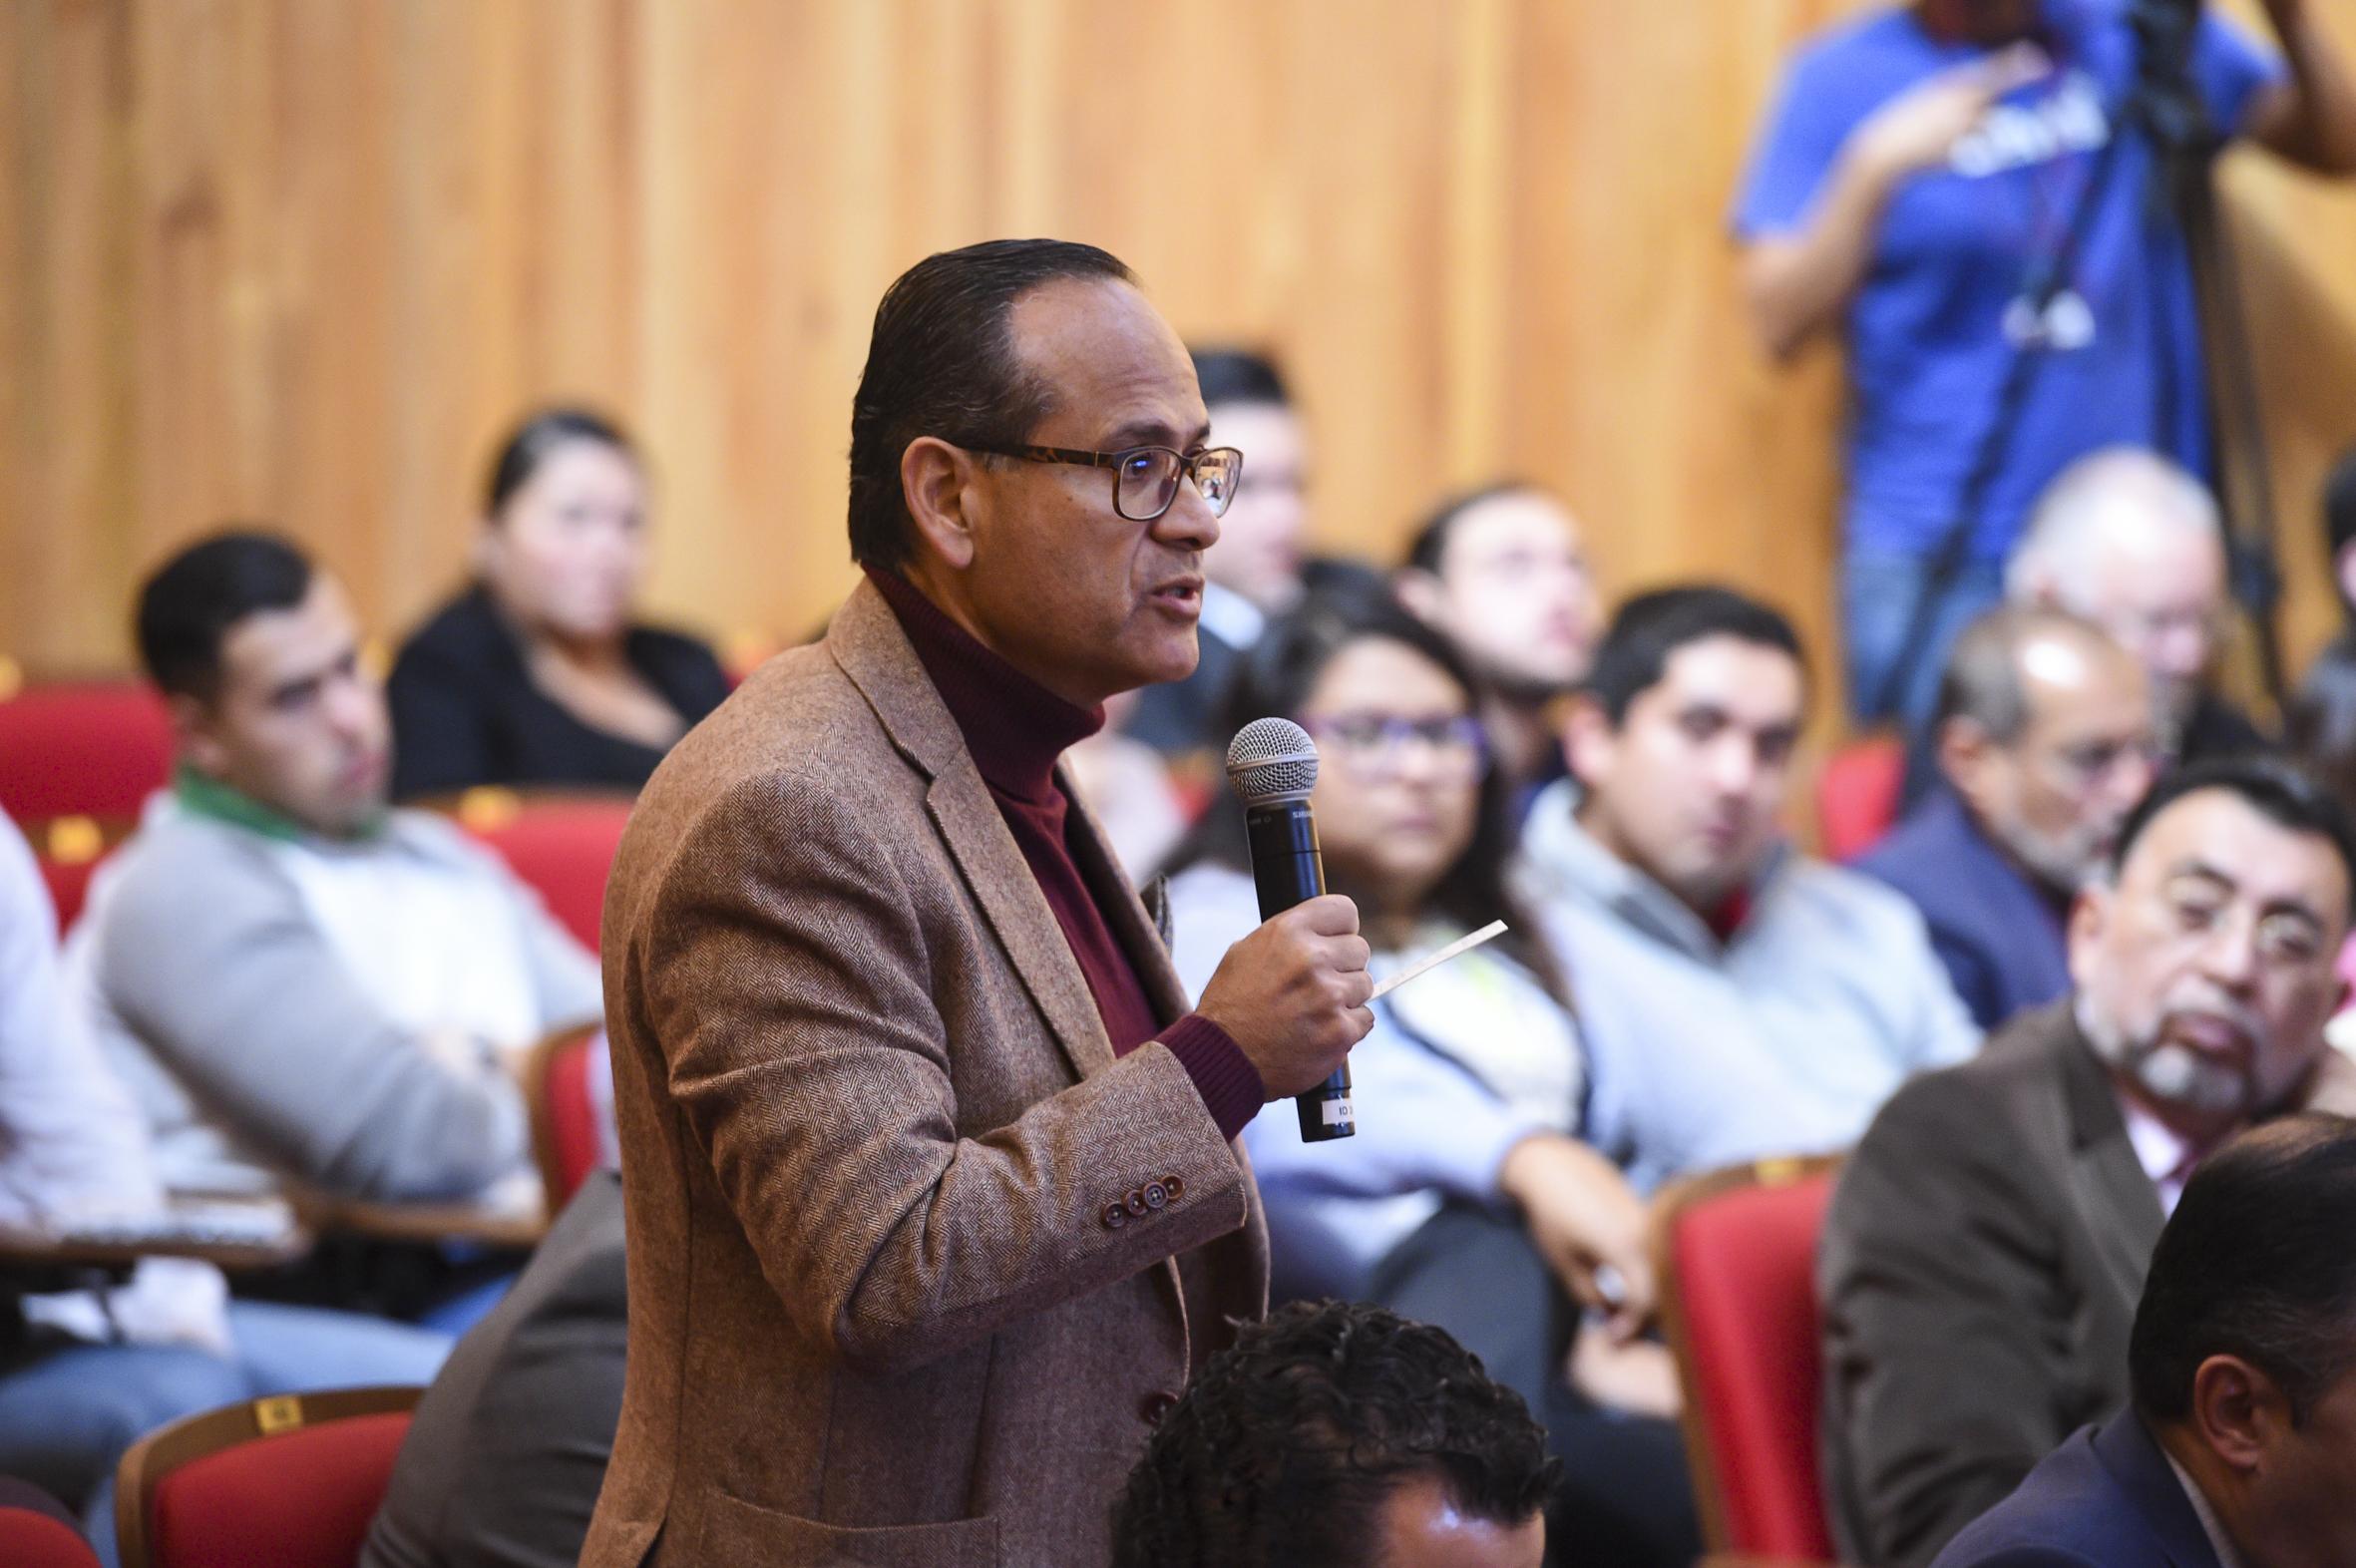 Doctor Héctor Raúl Pérez Gómez, Director del OPD Hospital Civil de Guadalajara haciendo uso de la palabra durante la sesión extraordinaria